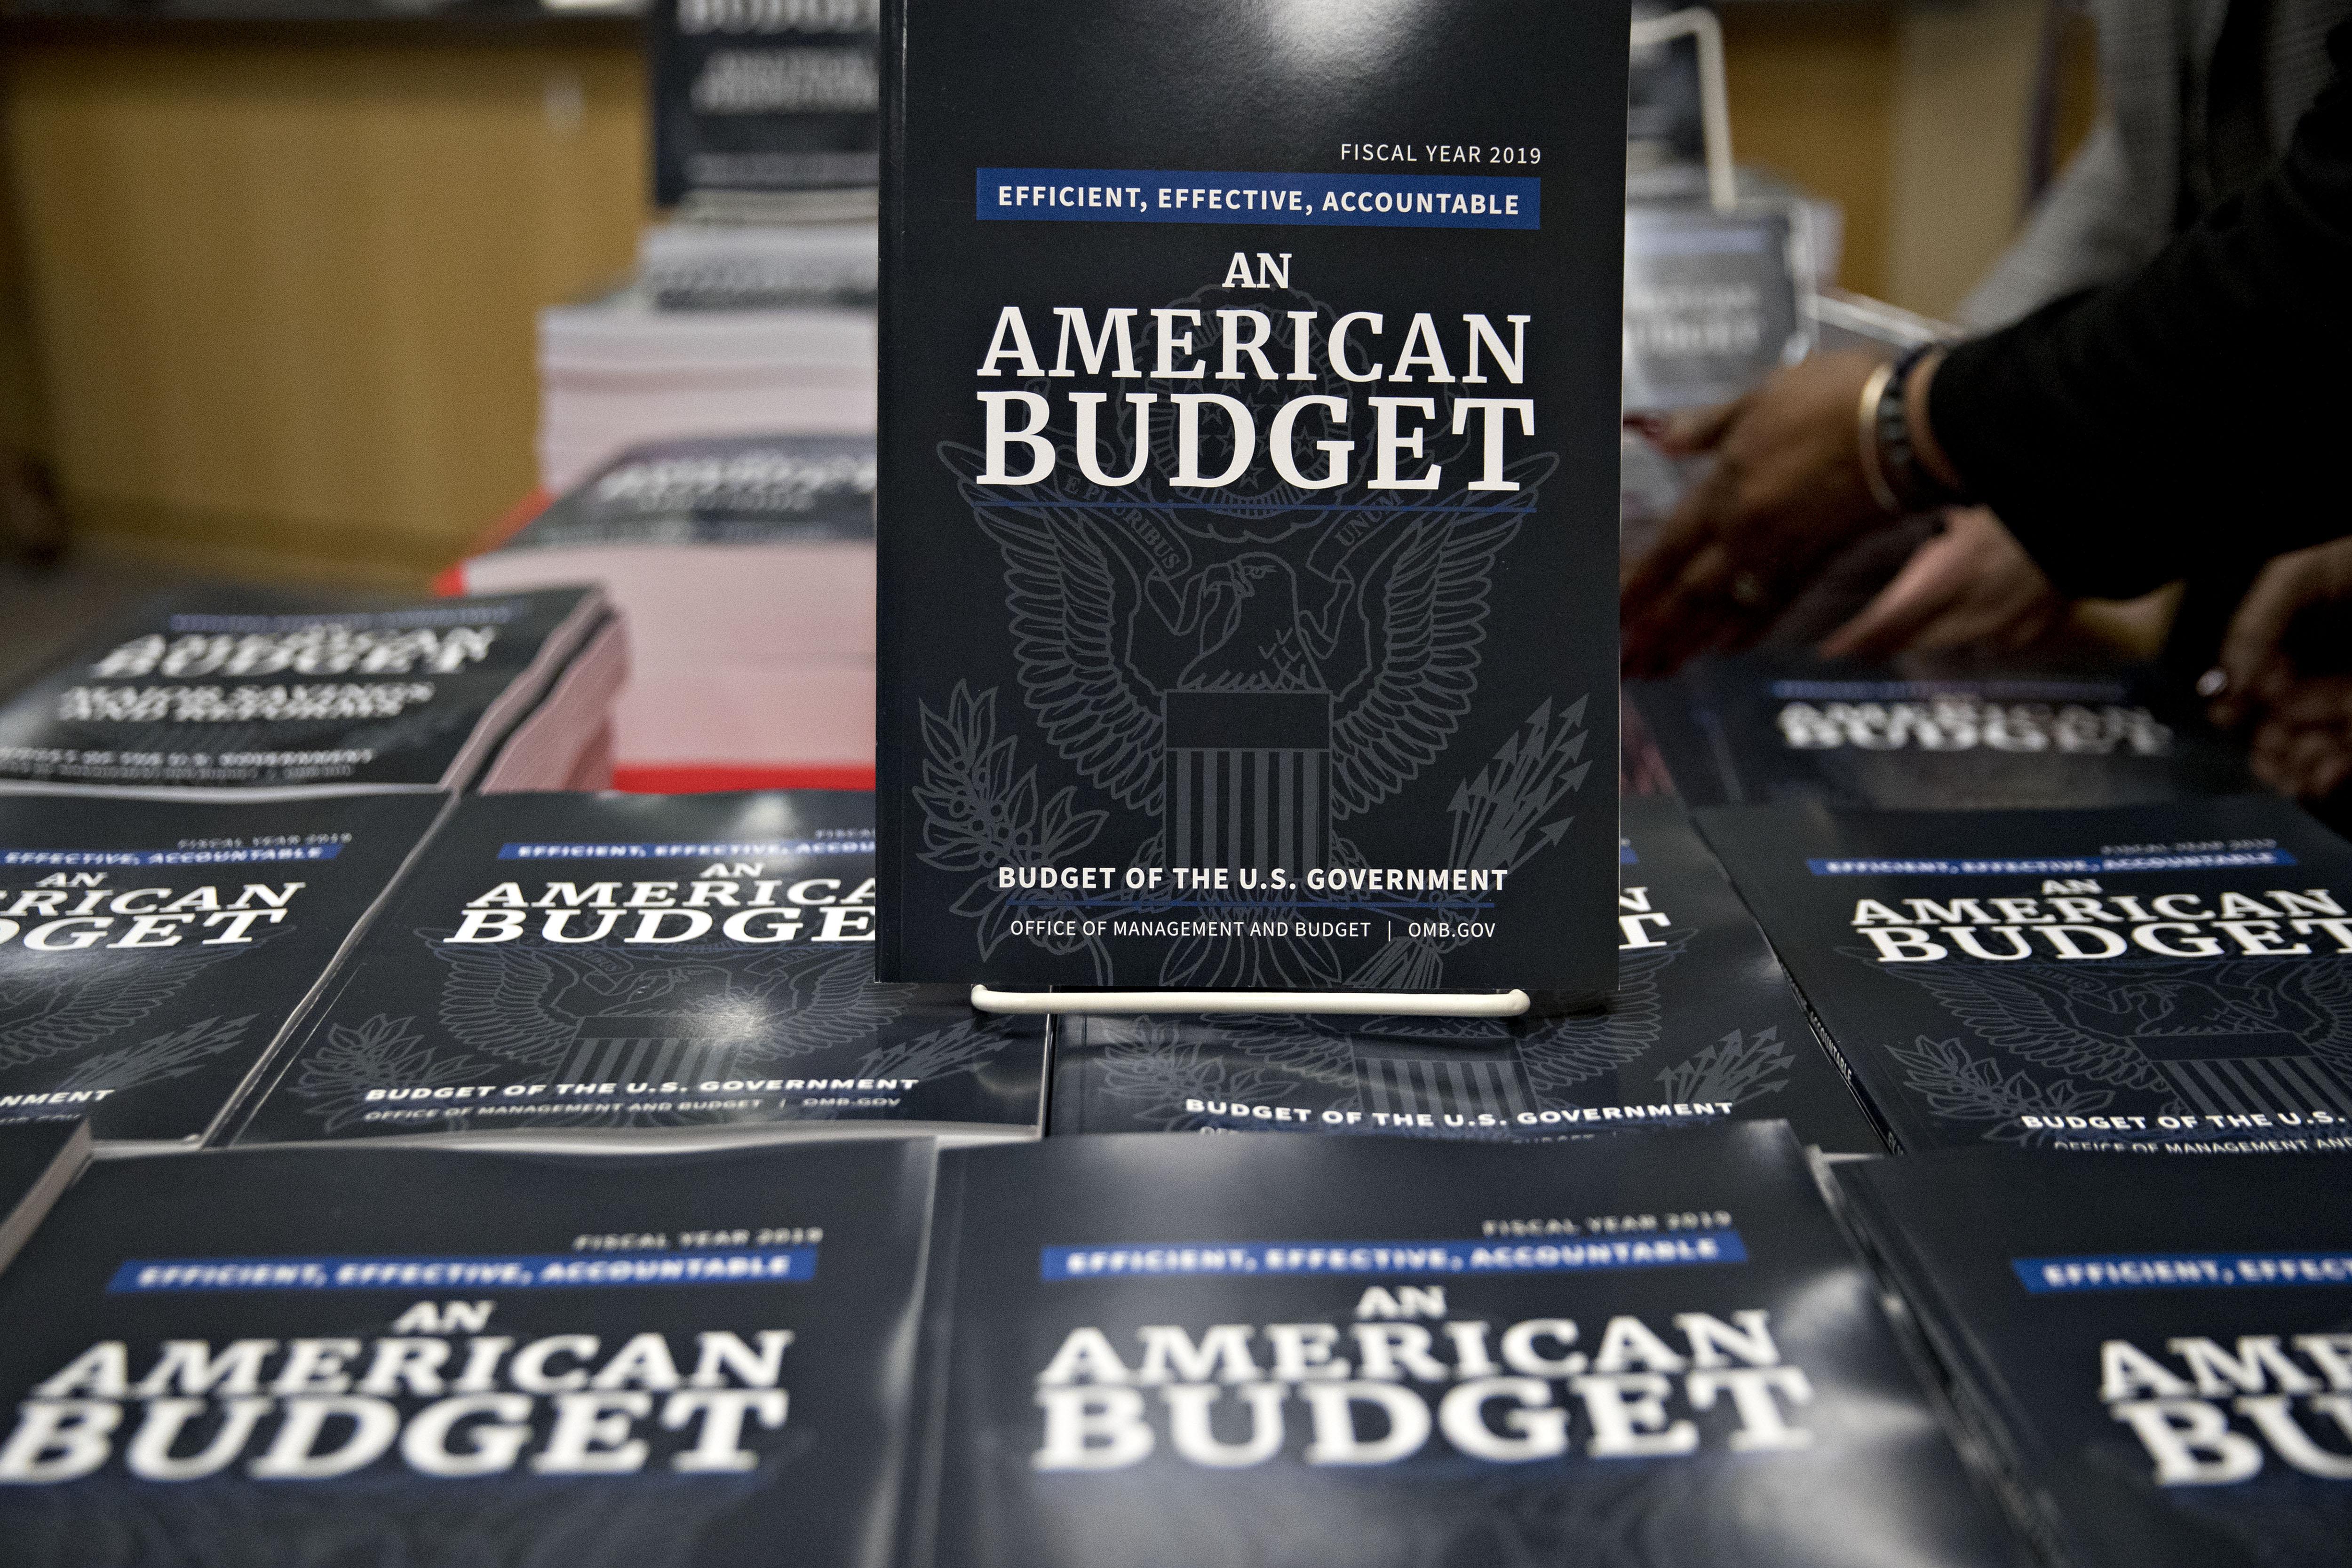 https://assets.sourcemedia.com/5e/e3/30c5fc4941cf8ad1f68dfc234b9d/trump-budget-bl-021218.jpg